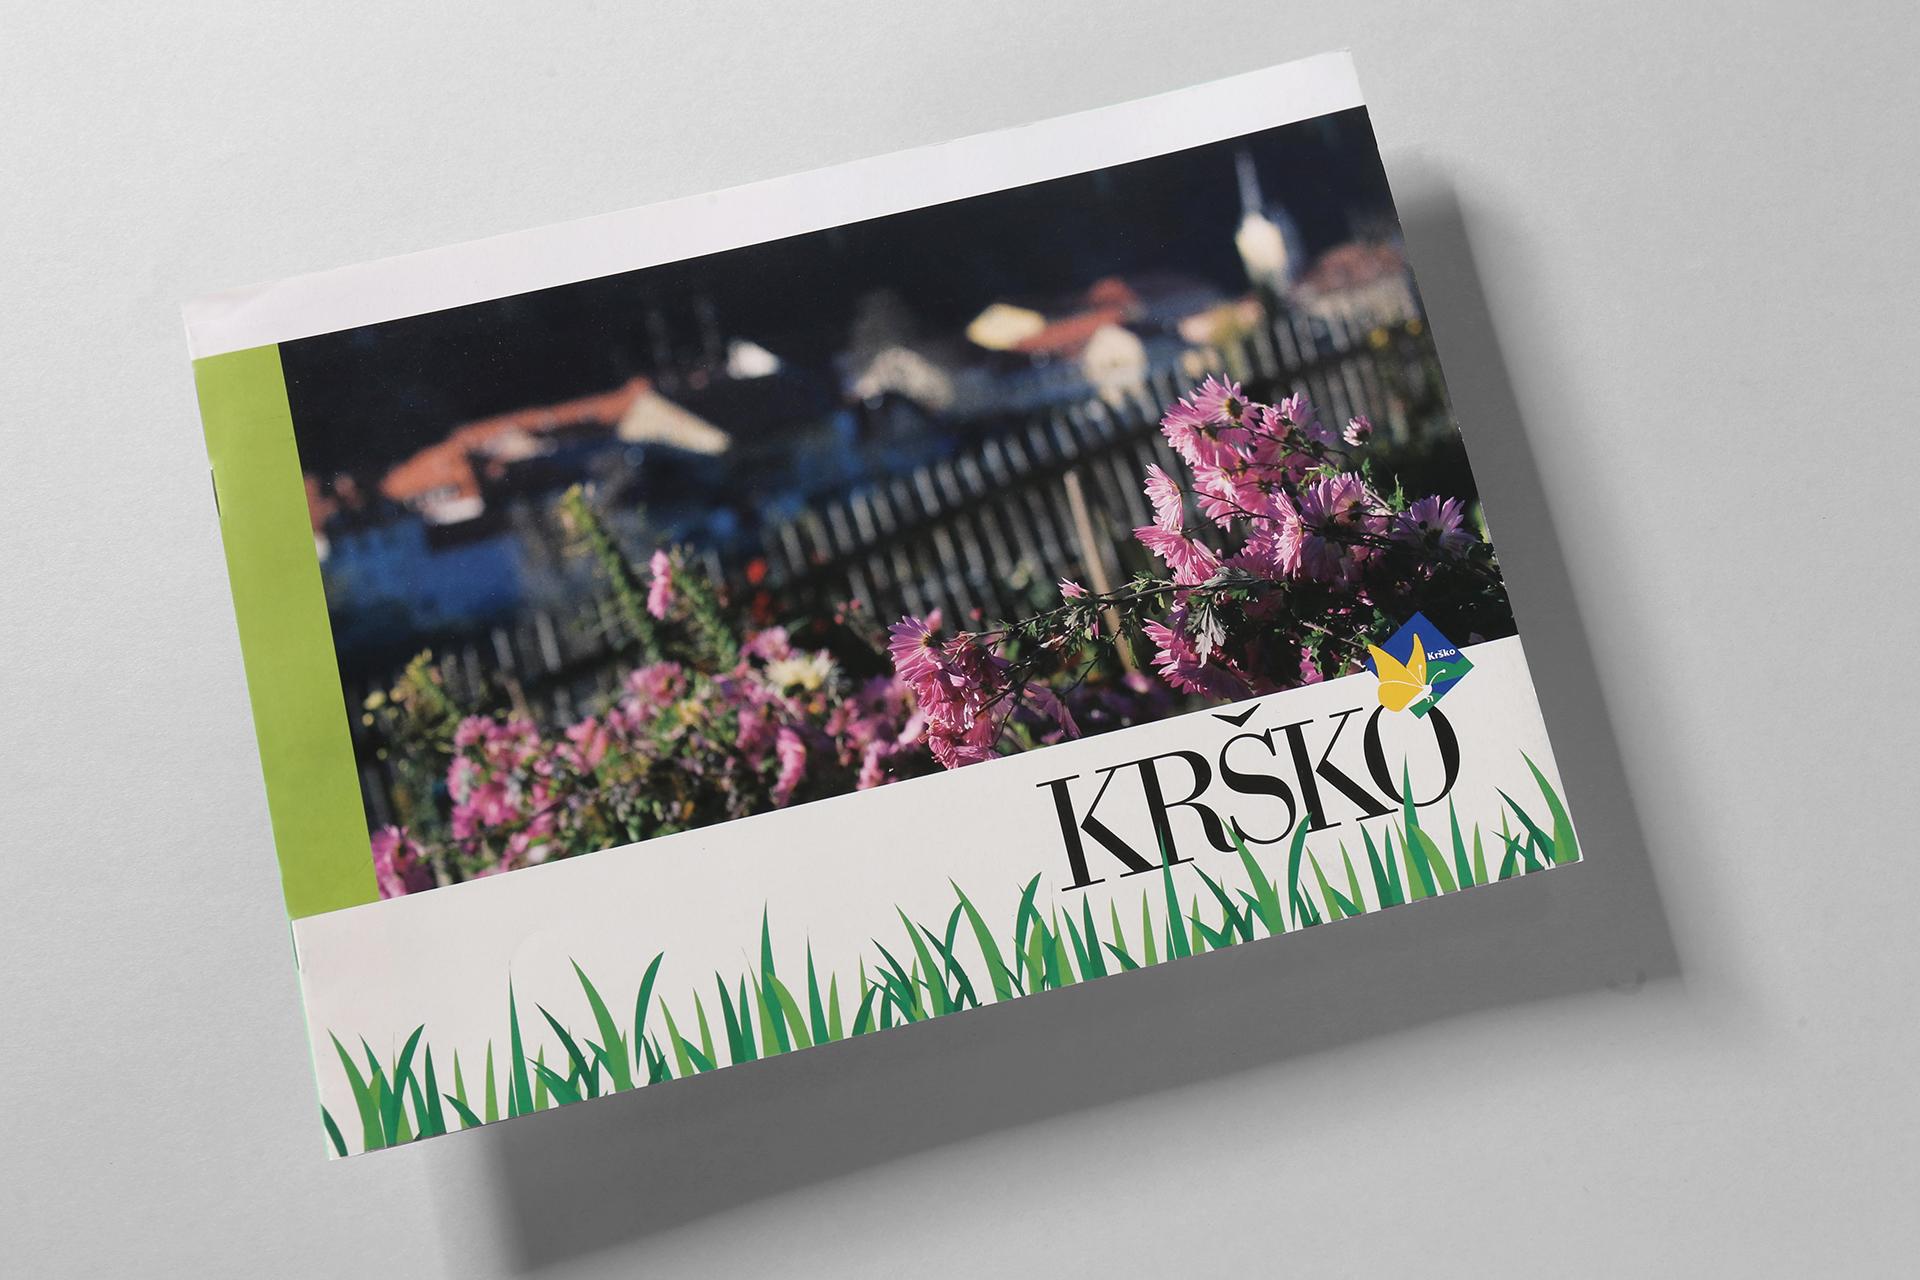 krsko_katalogi_1